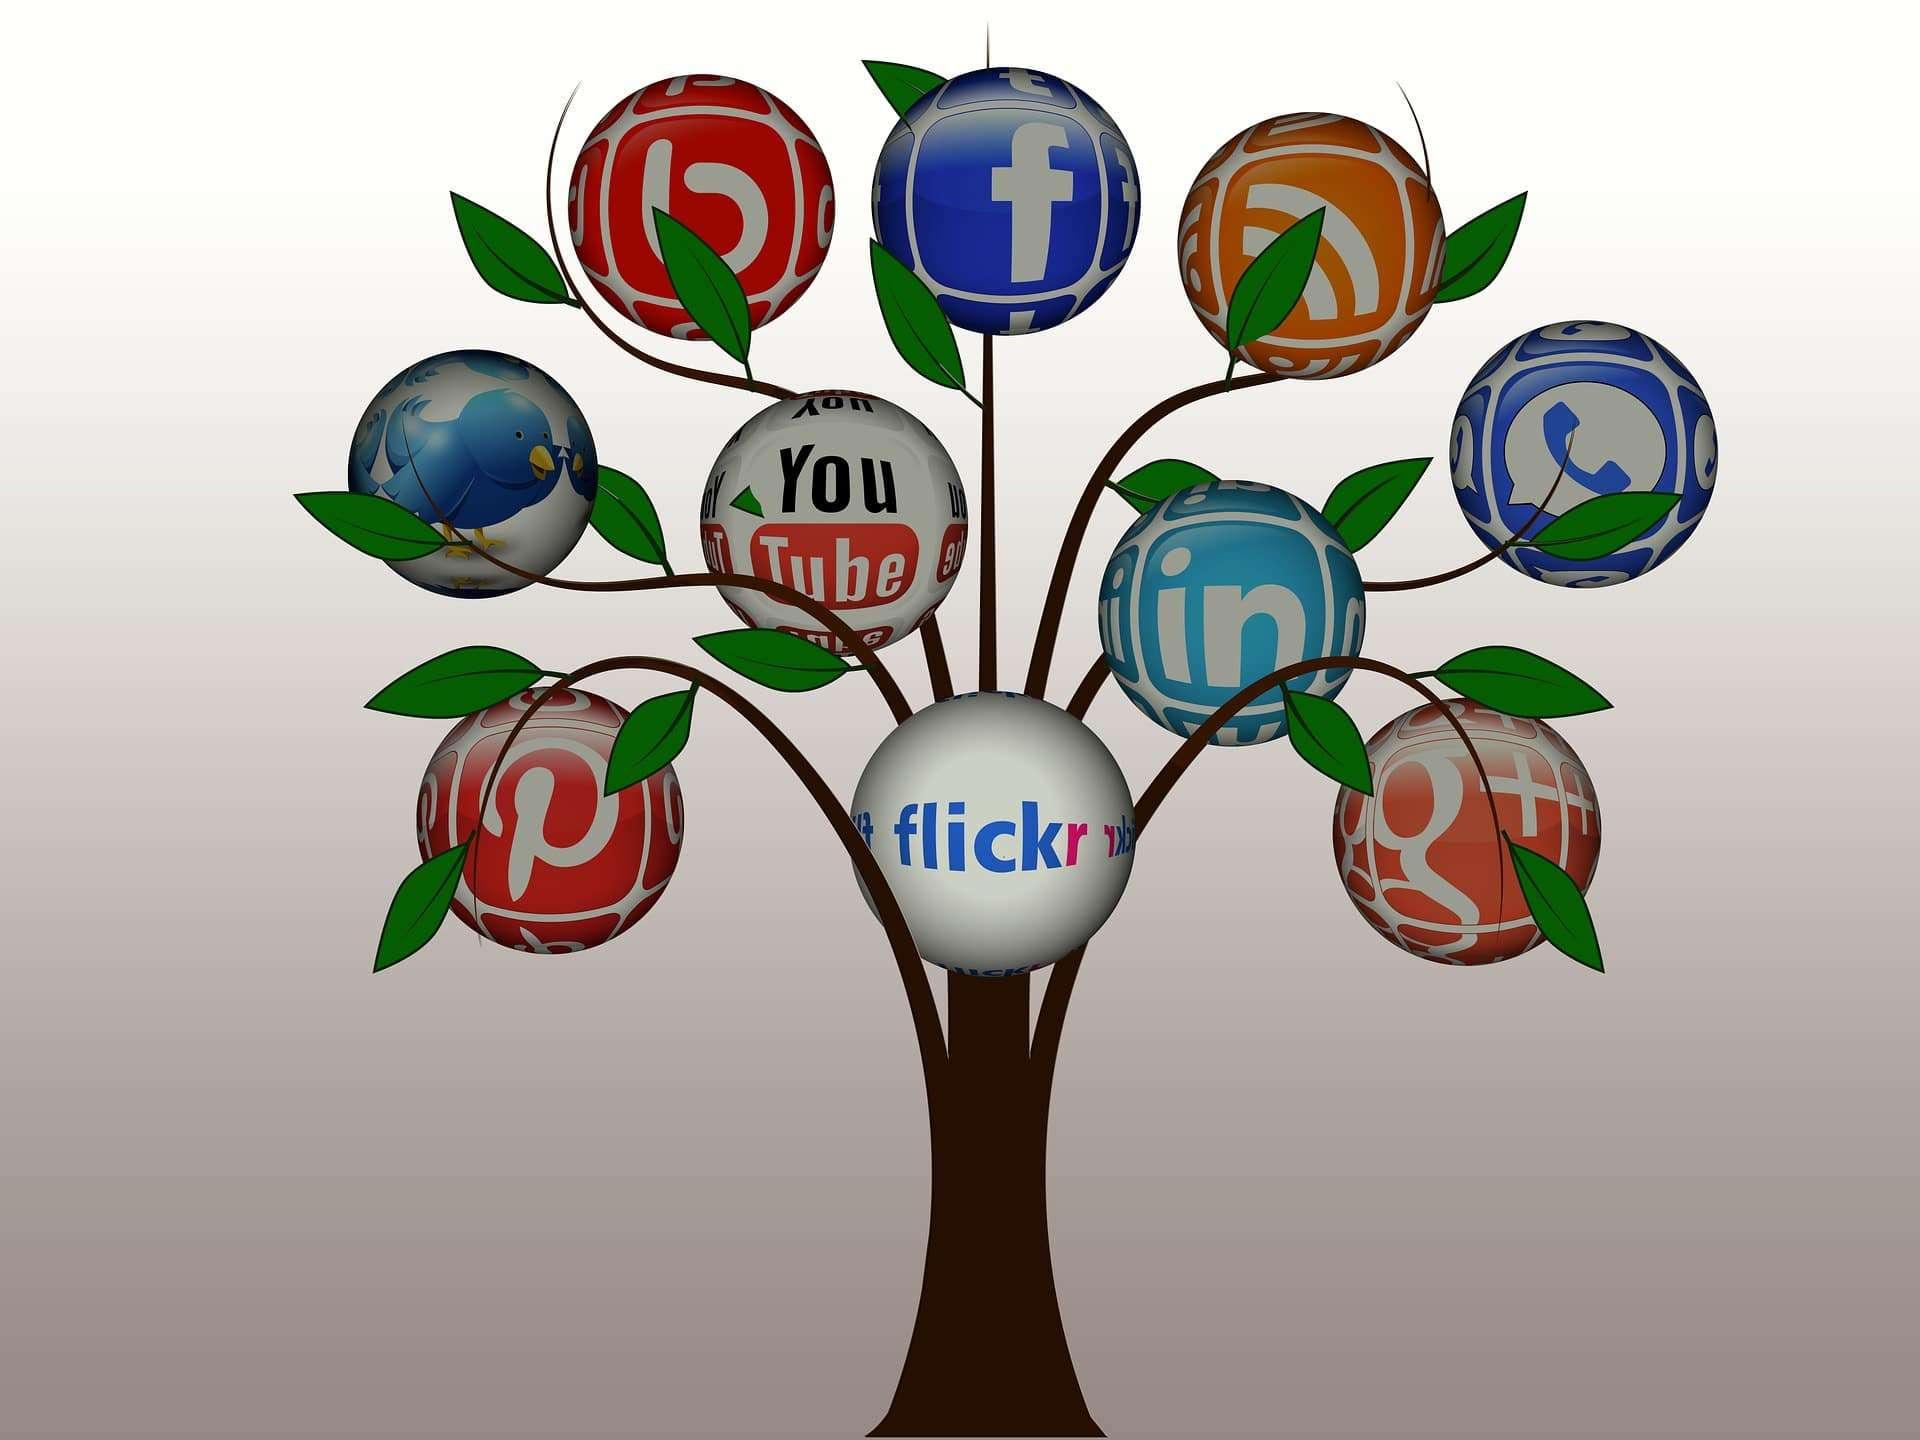 Social Media Marketing ROI | Tree of Social Media | eClincher